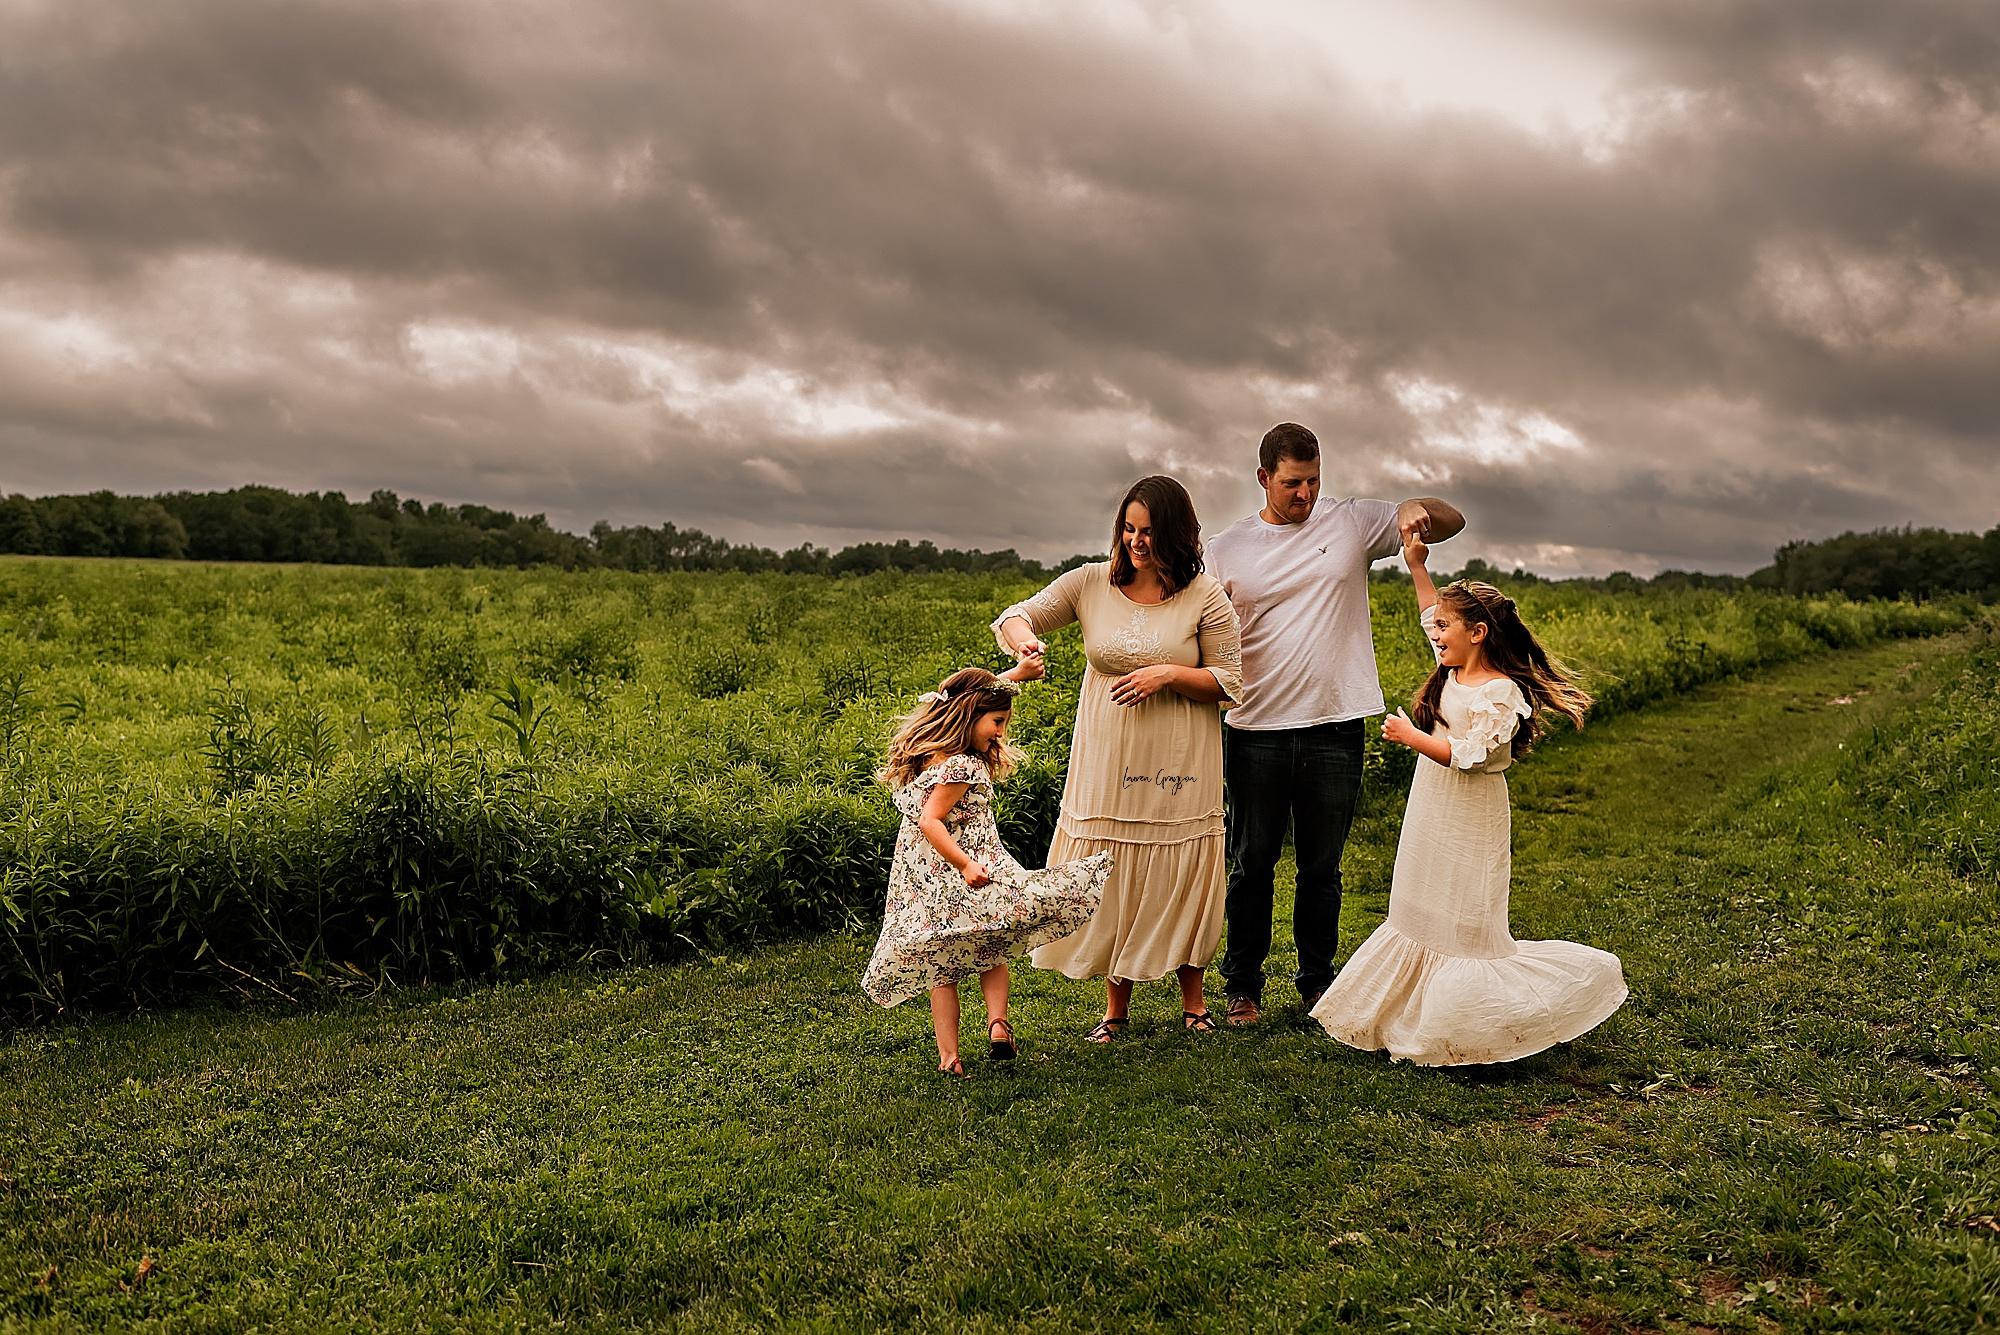 lauren-grayson-photography-akron-ridenour-family-summer-fields-sunset-session_0011.jpg